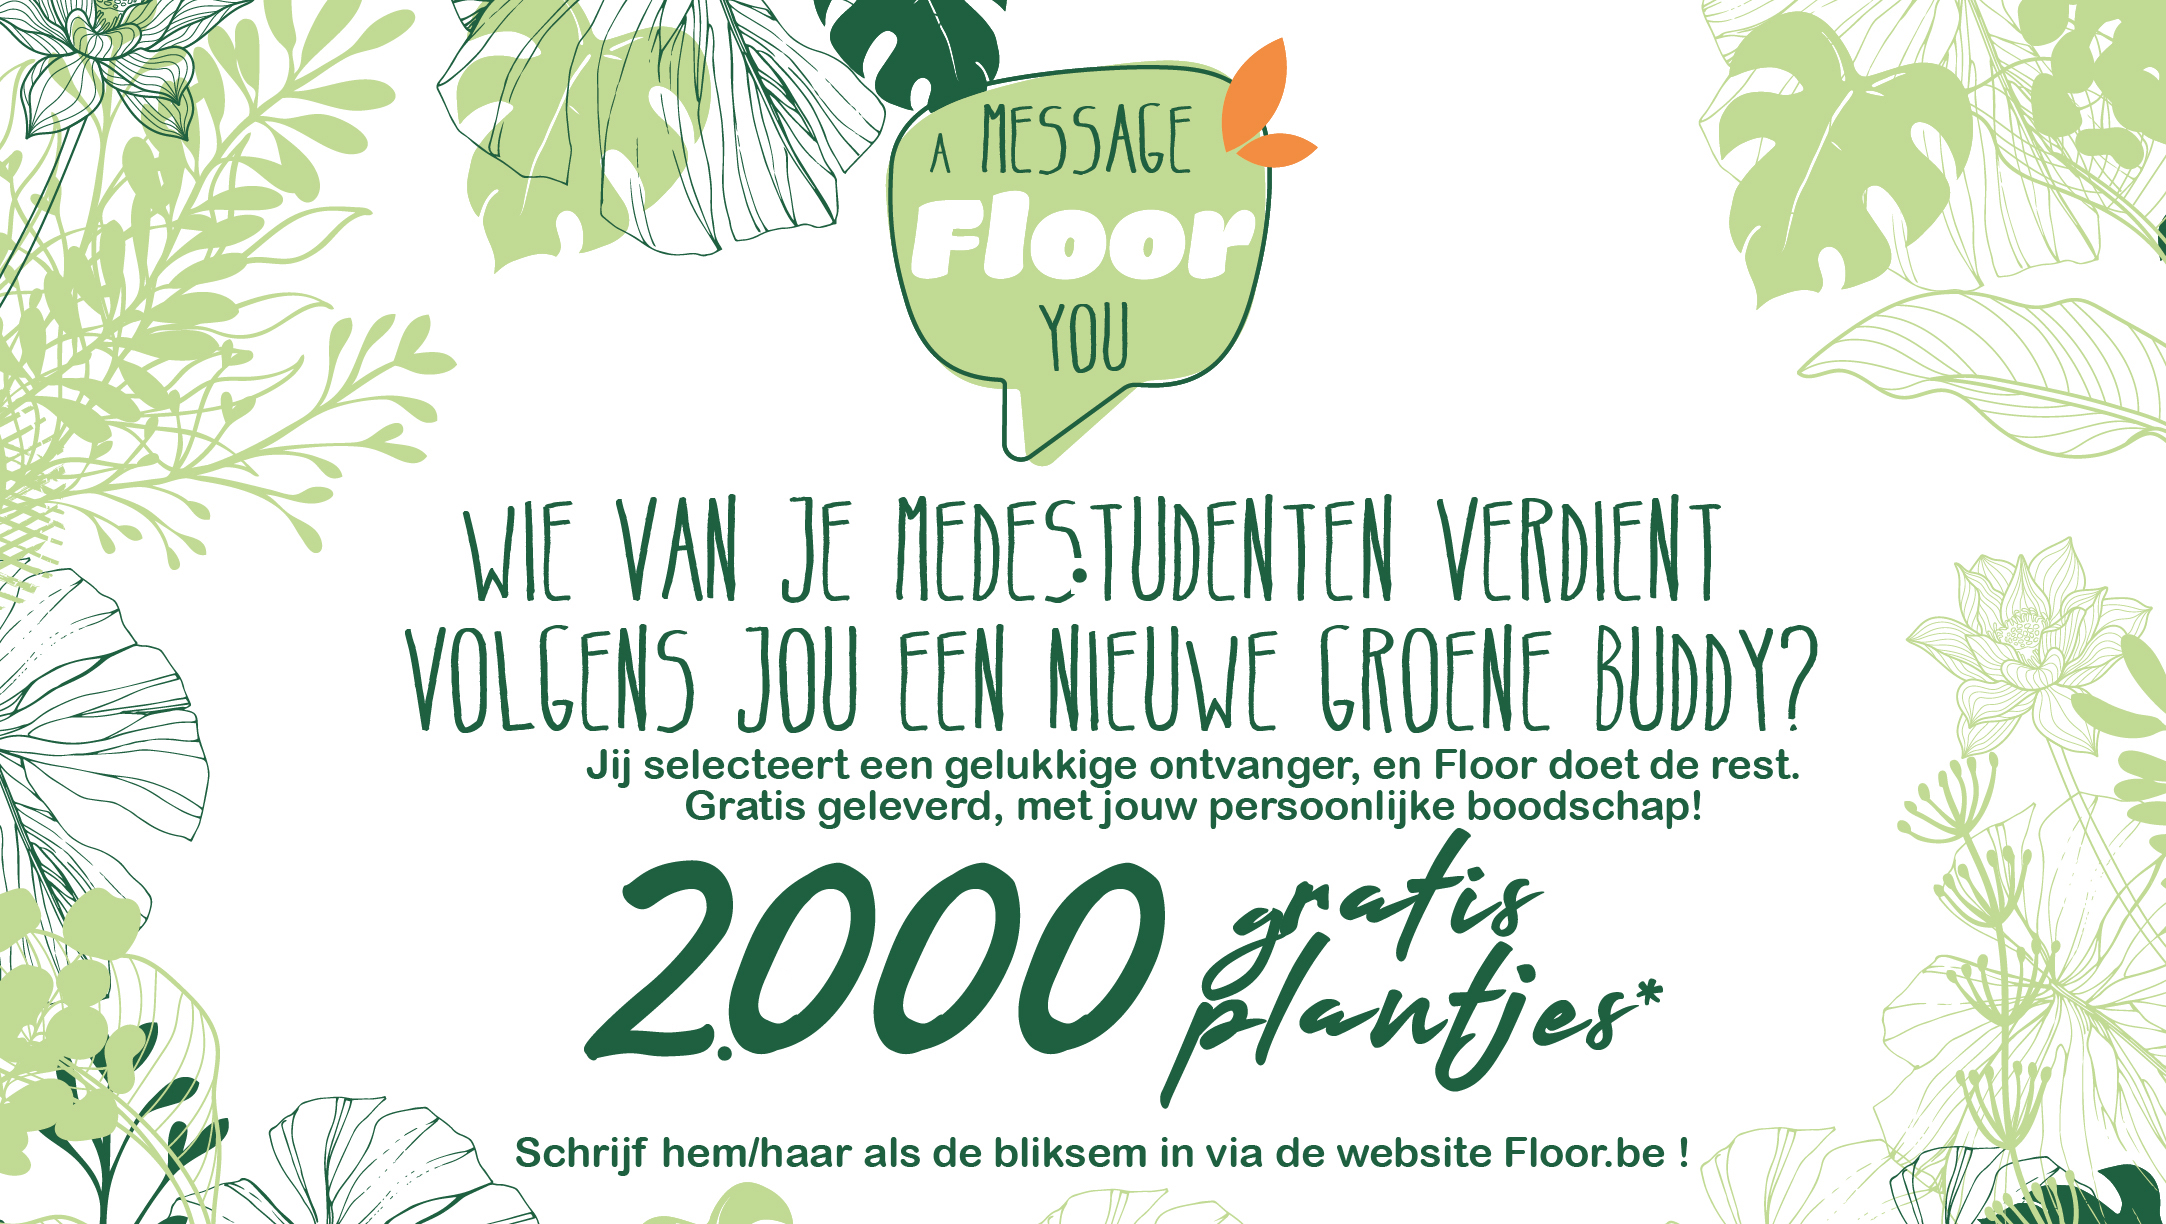 Registreer hier een gratis plantje voor een vriend(in)